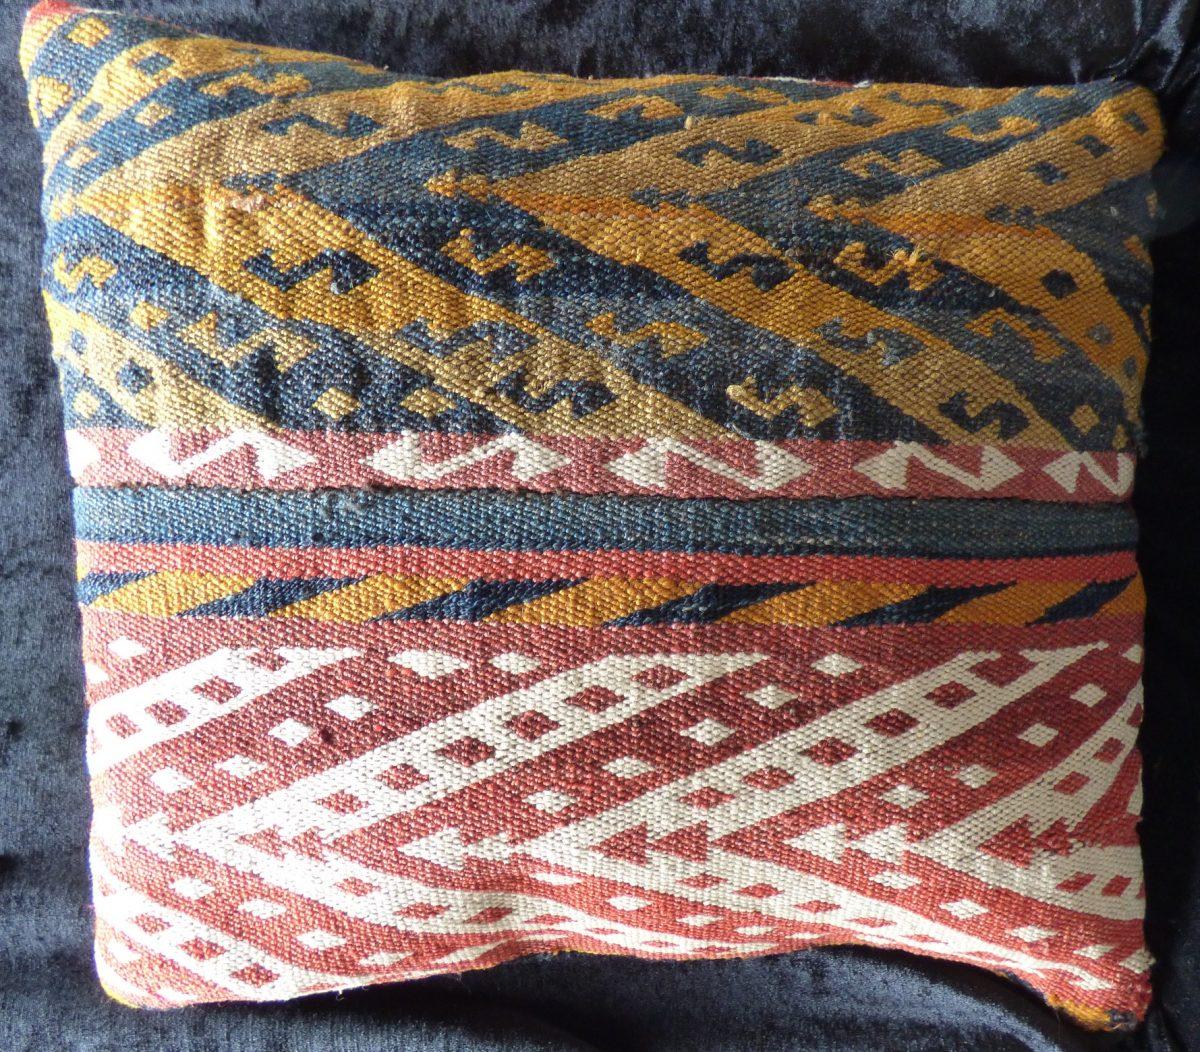 Uzbek Kilim Flatweave Gajari Cushion 17071 Dominic Orr